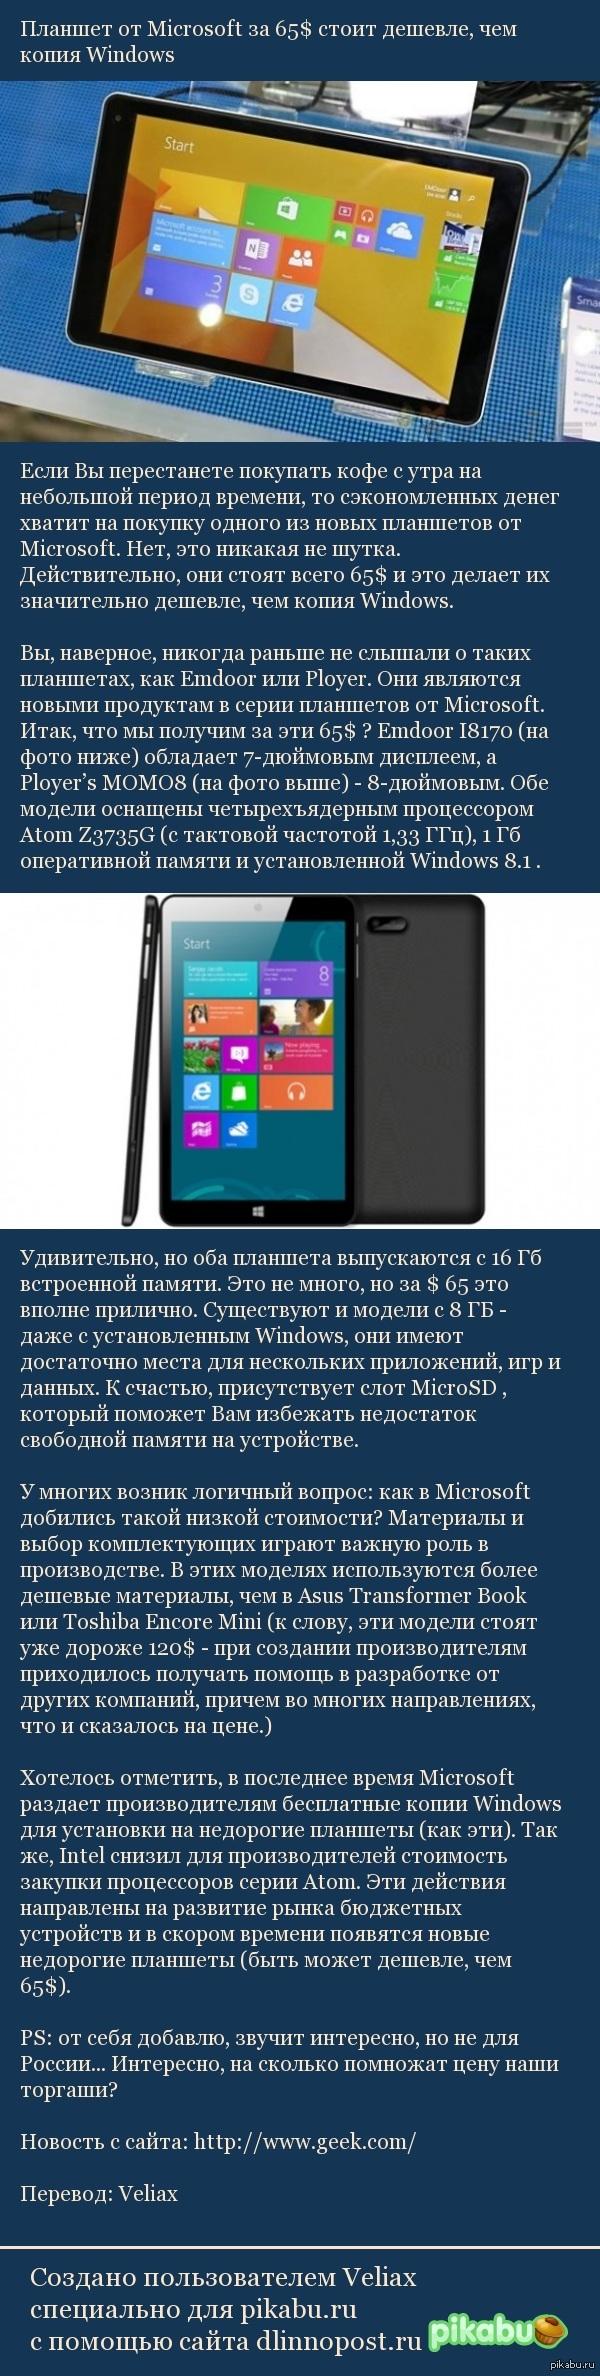 Новые планшеты от Windows